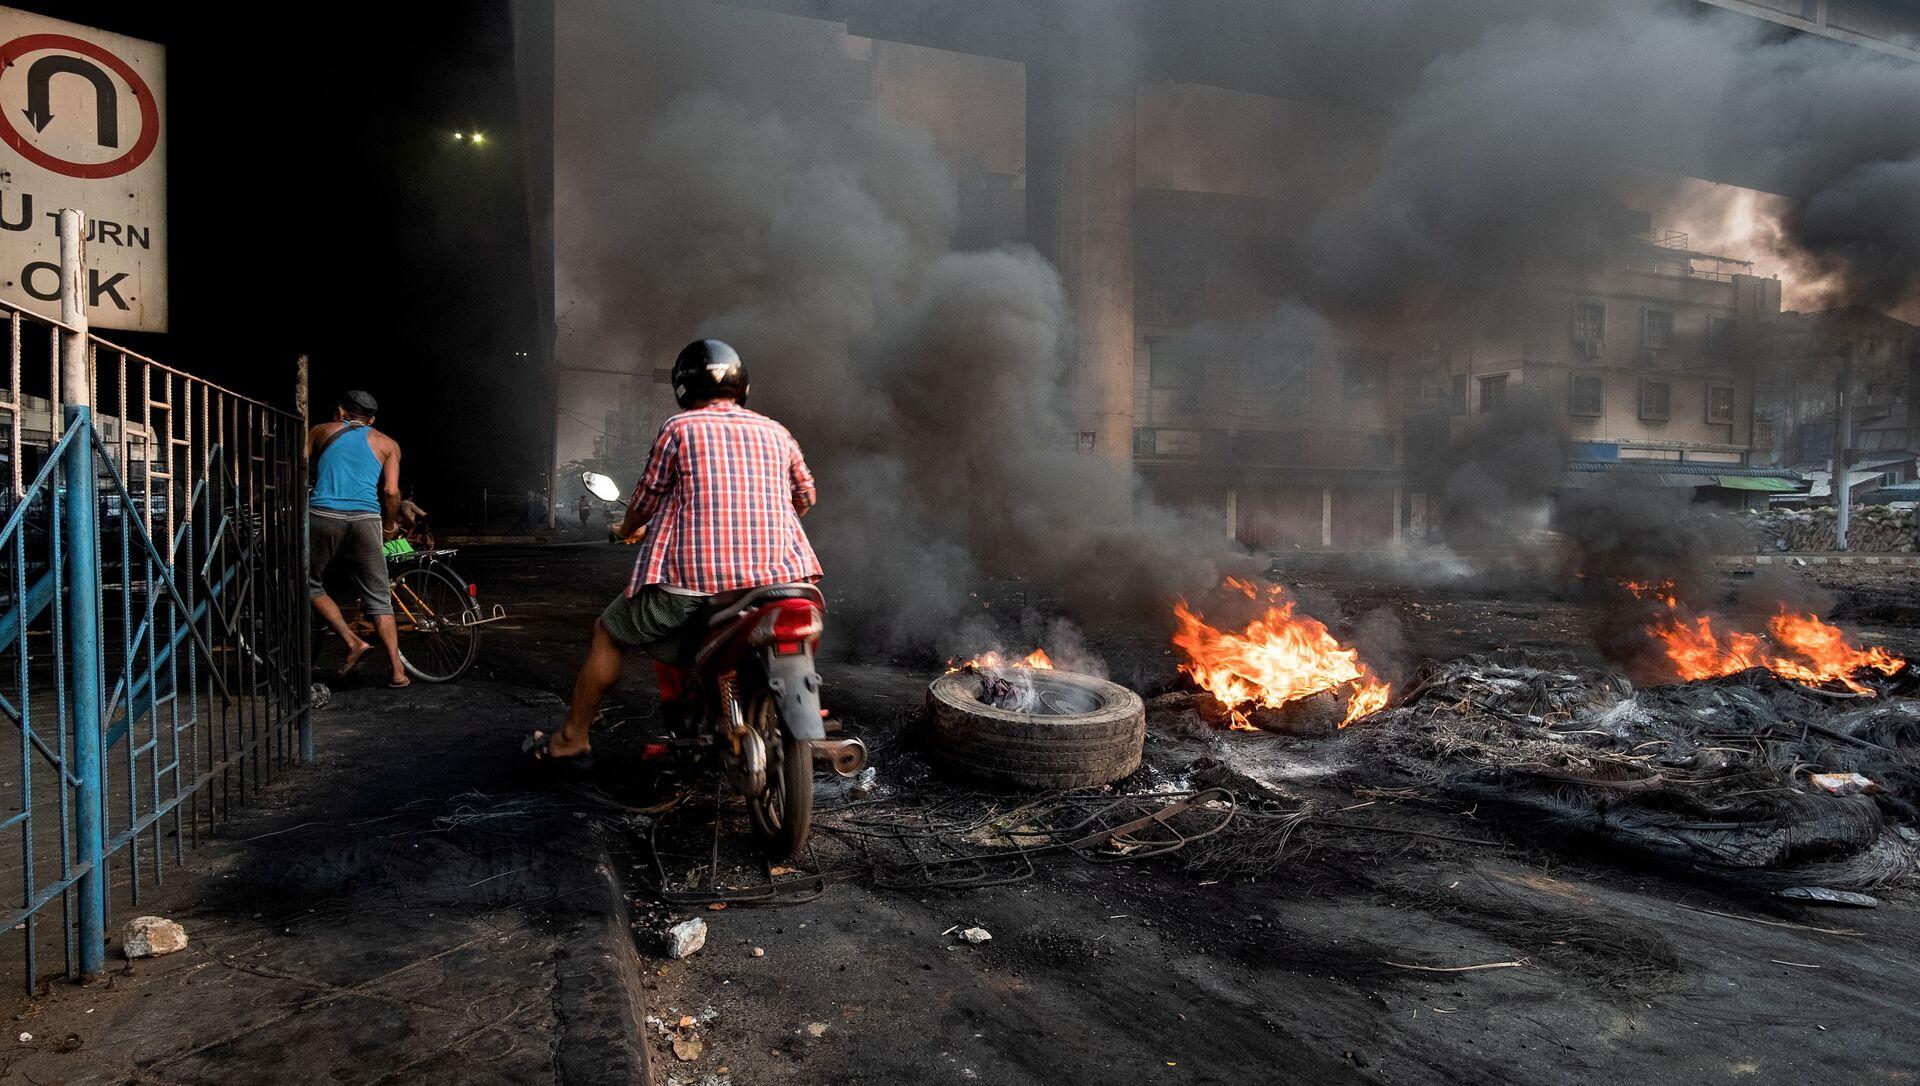 Khói bốc lên từ lốp xe đang cháy bốc lên tạo ra khói bao phủ trong một cuộc trấn áp tại Bayint Naung Junction ở Yangon, Myanmar ngày 16 tháng 3 năm 2021, trong bức ảnh do Reuters thu được. - Sputnik Việt Nam, 1920, 04.05.2021